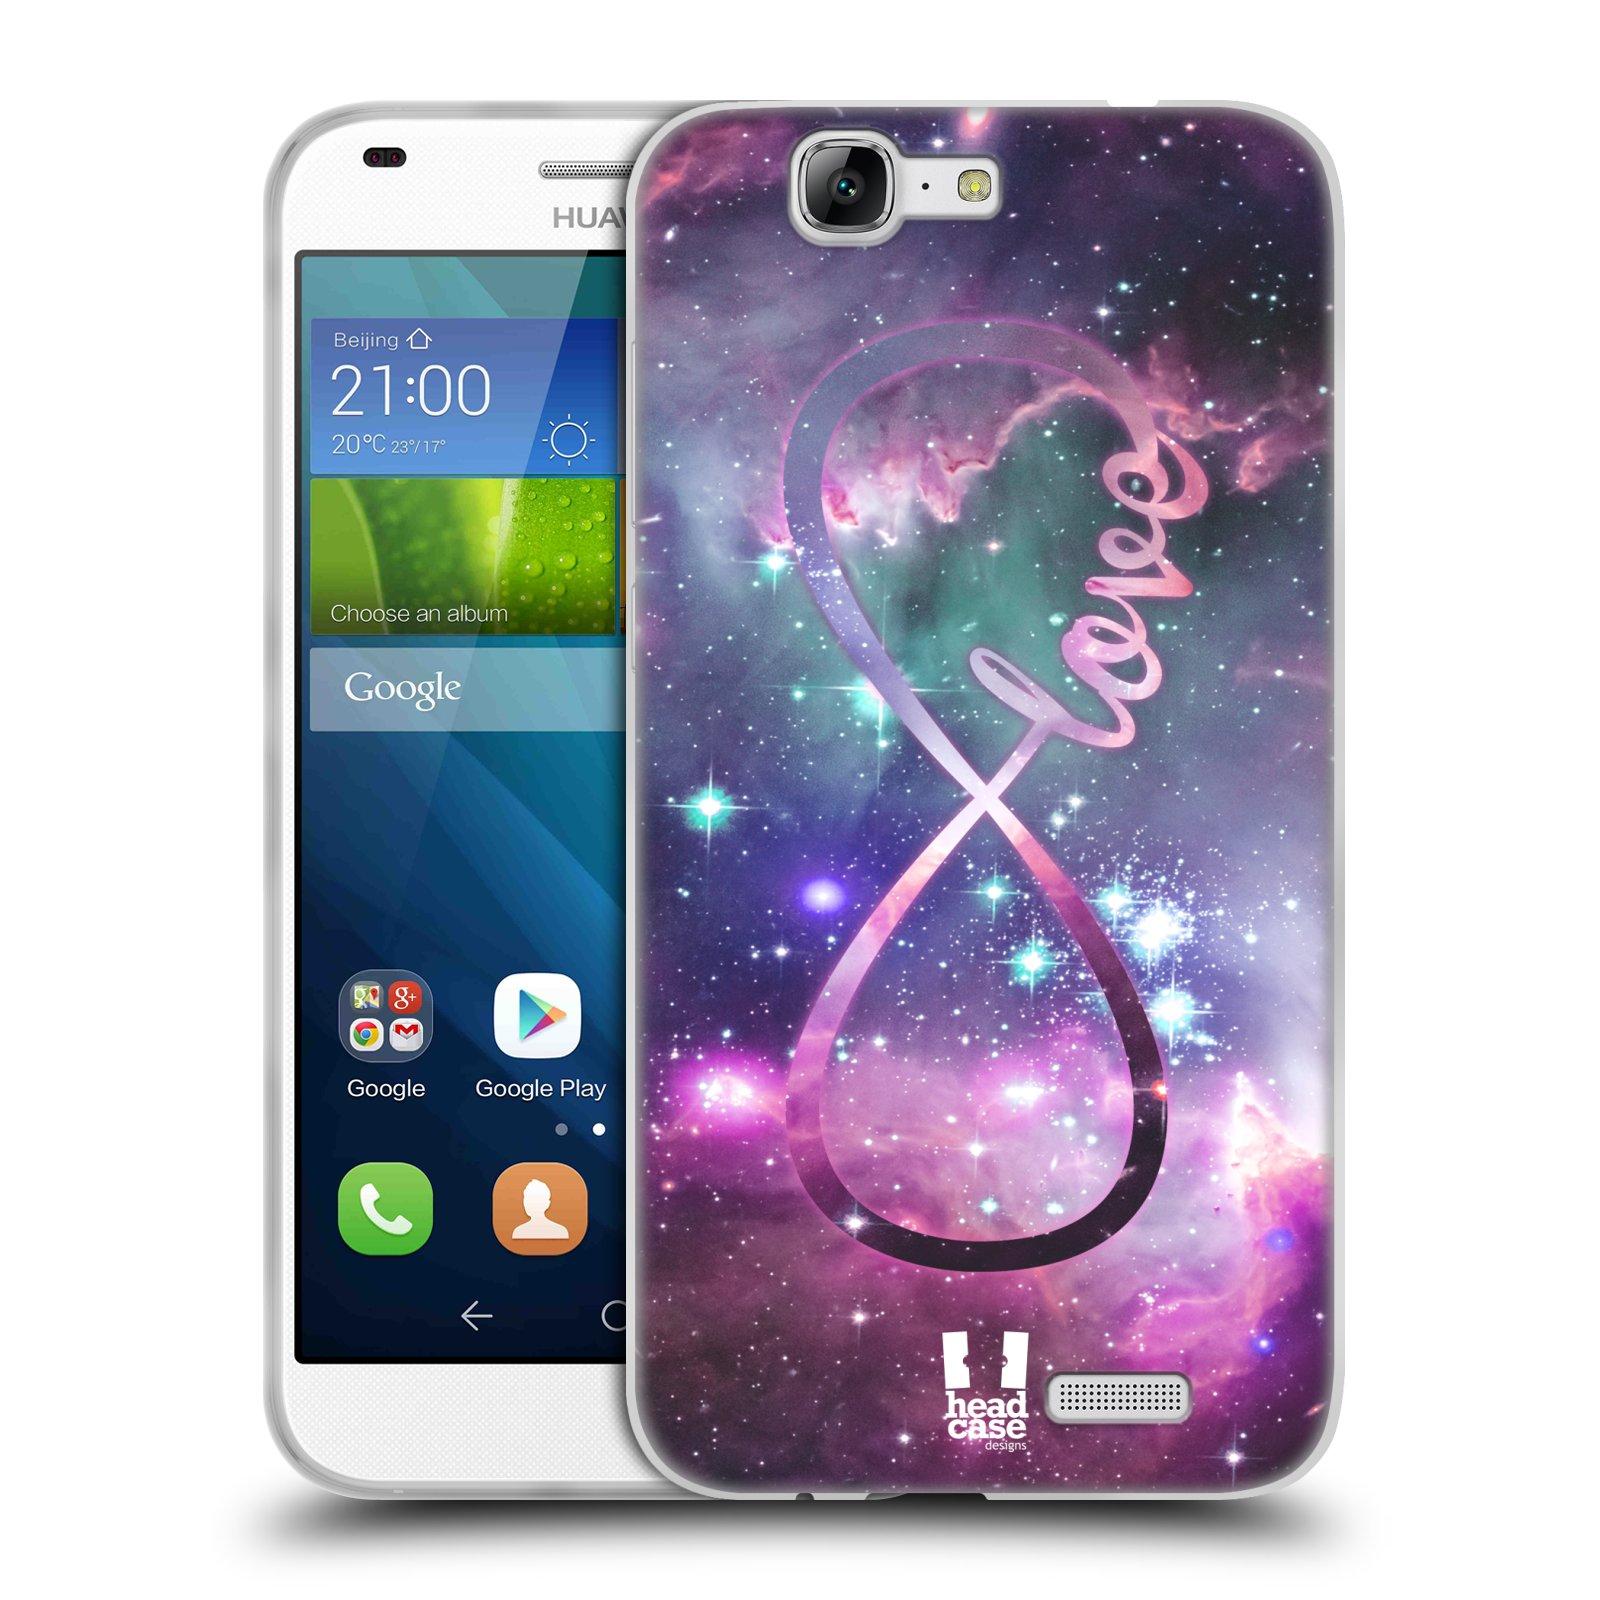 Silikonové pouzdro na mobil Huawei Ascend G7 HEAD CASE NEKONEČNÁ LÁSKA